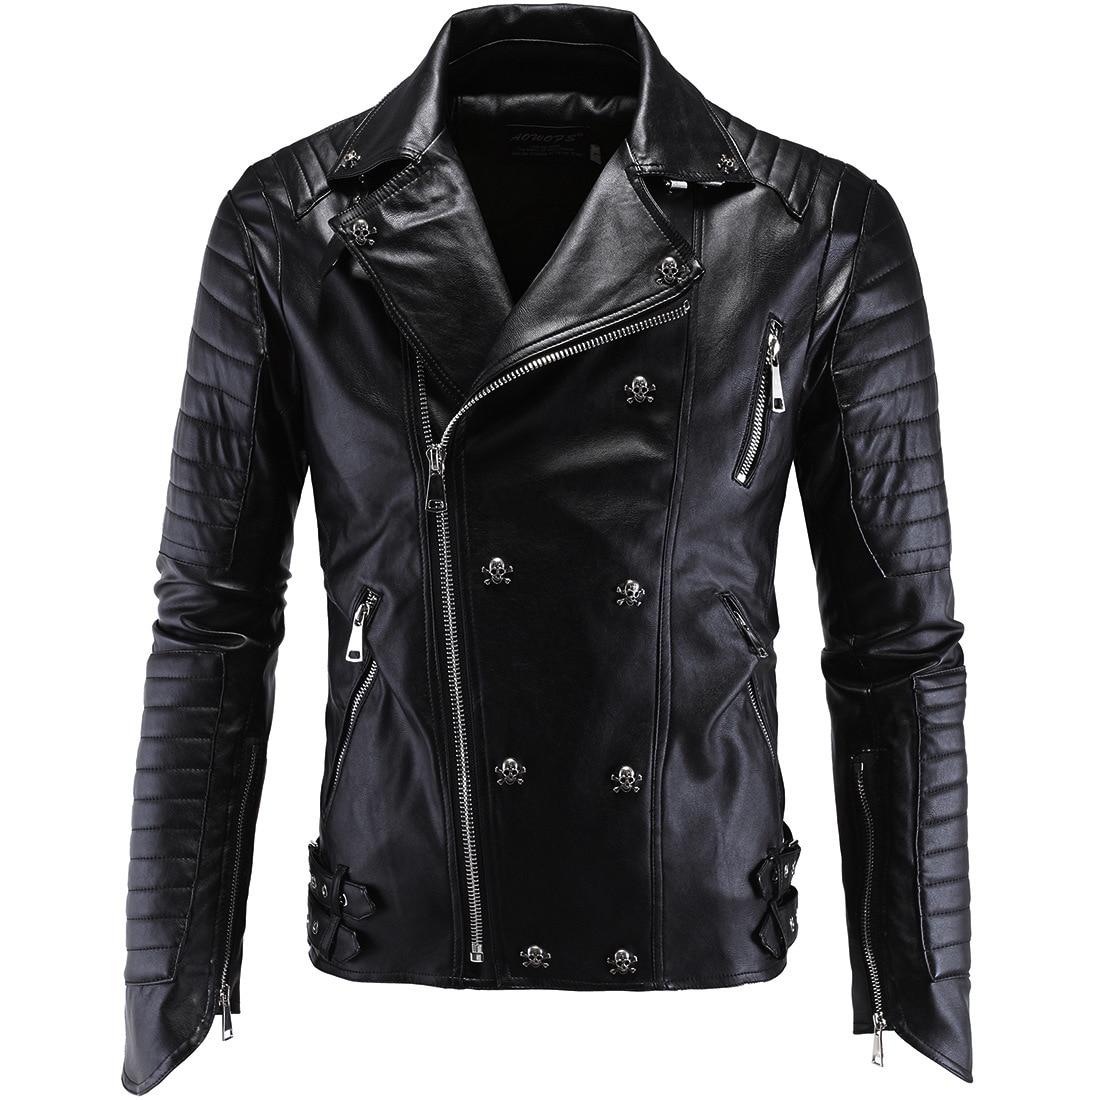 Erkek Kıyafeti'ten Yapay Deri Paltolar'de Erkek Deri ceket Ince erkek deri moda motosiklet Ince Harley deri ceket erkekler için'da  Grup 1